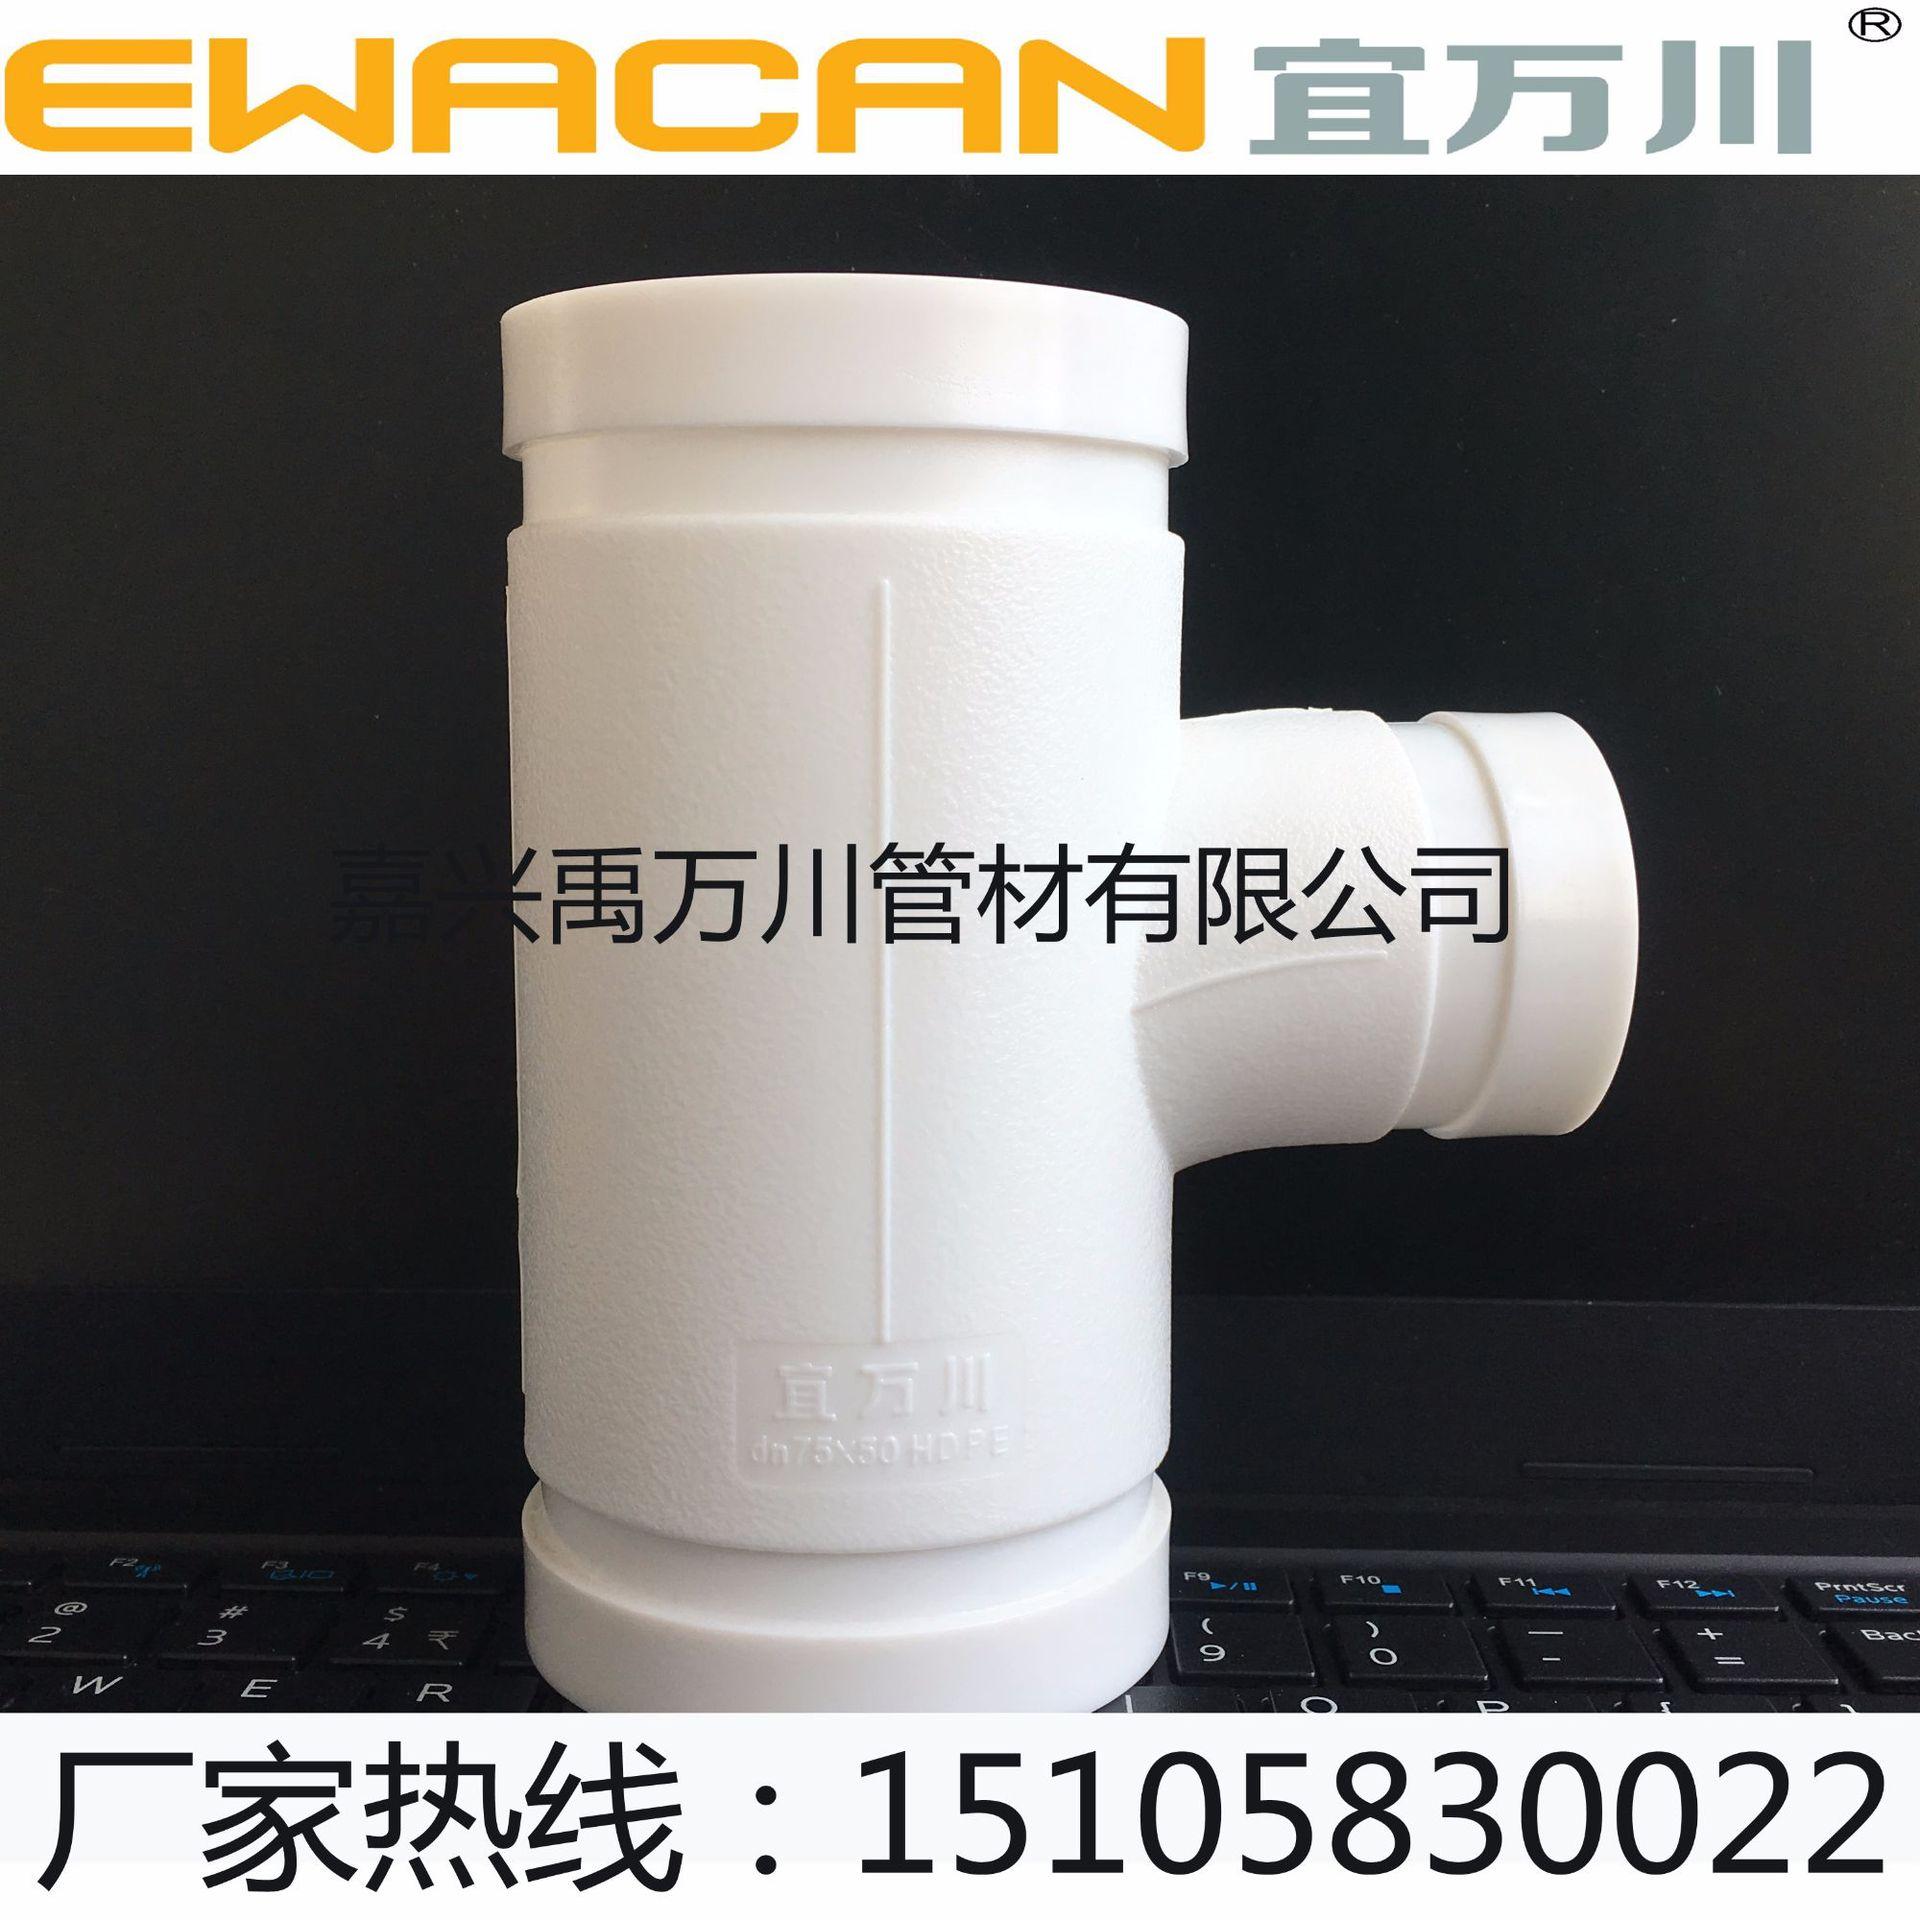 HDPE沟槽式超静音排水管,沟槽式HDPE静音排水管,沟槽柔性连接示例图6